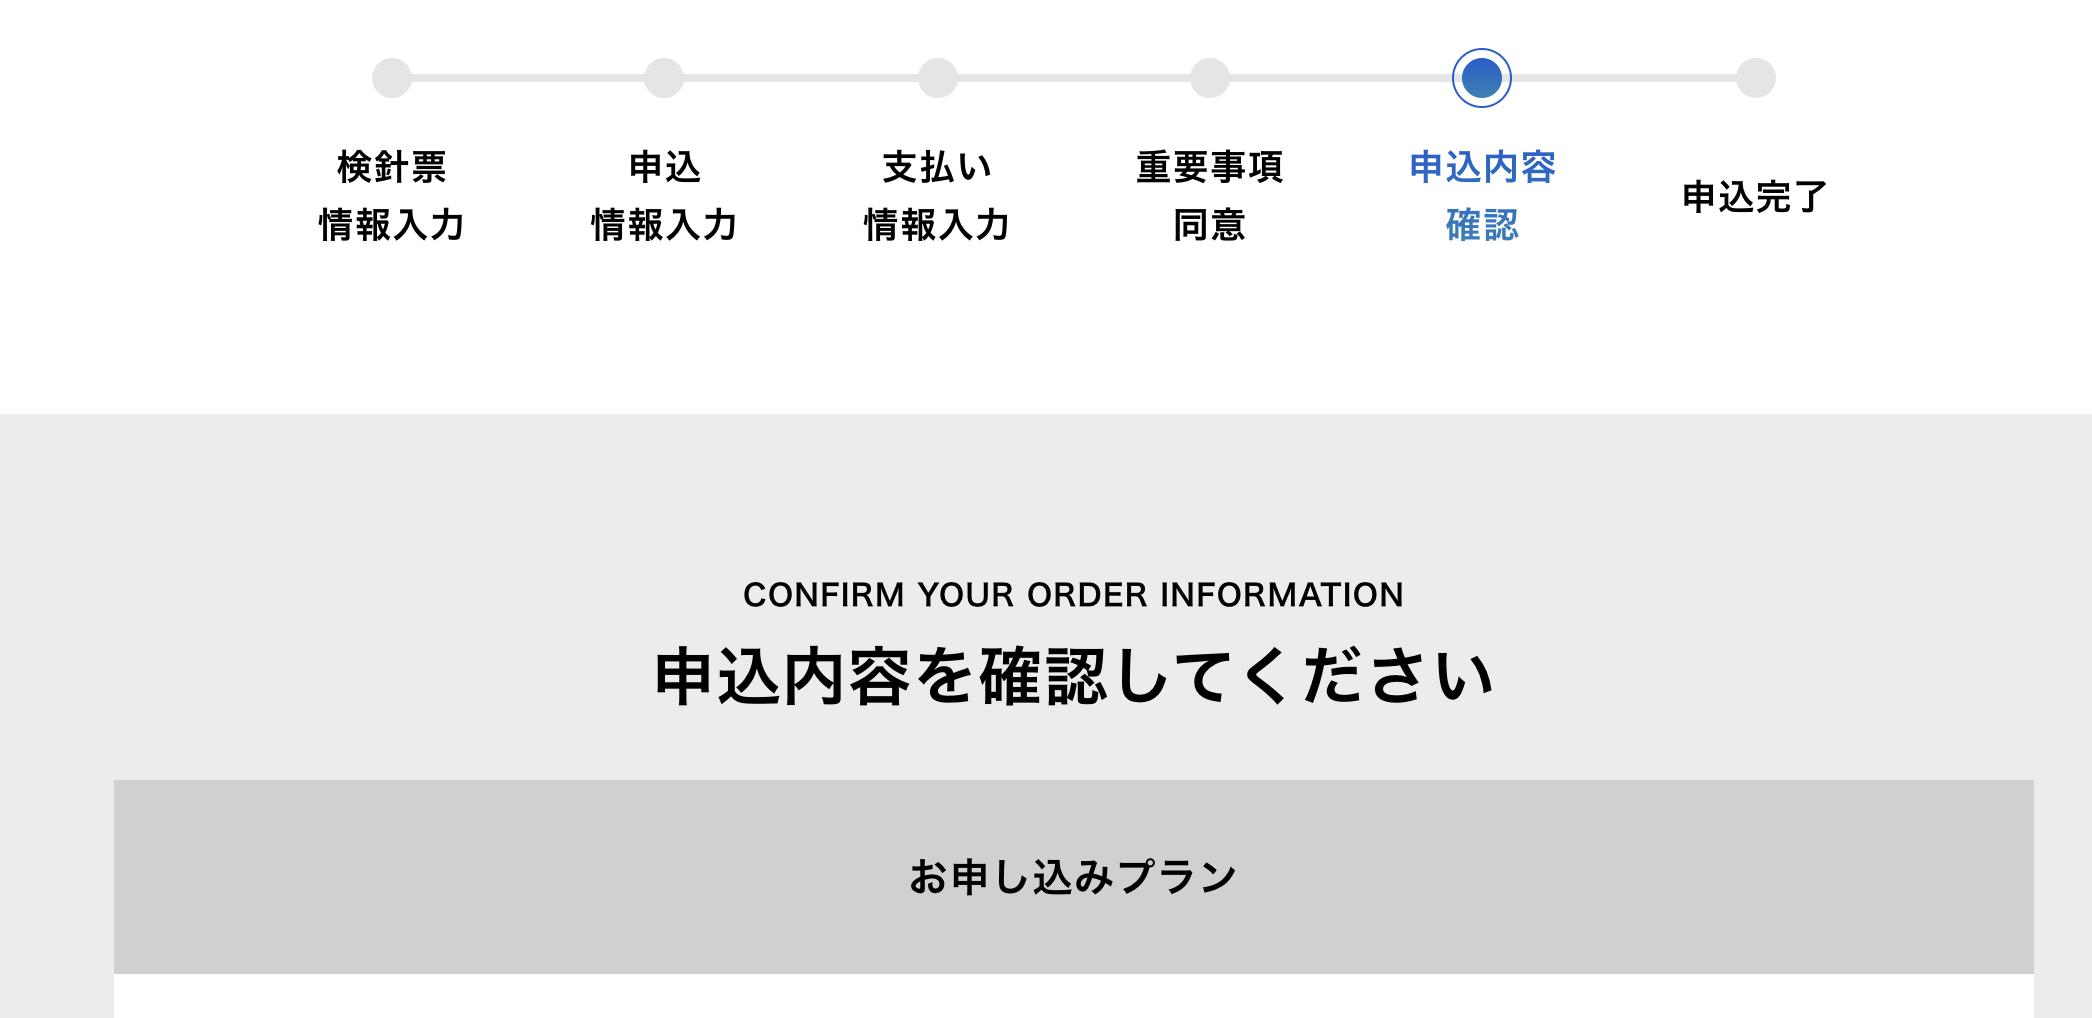 ソフトバンクおうちでんき 申し込み内容確認